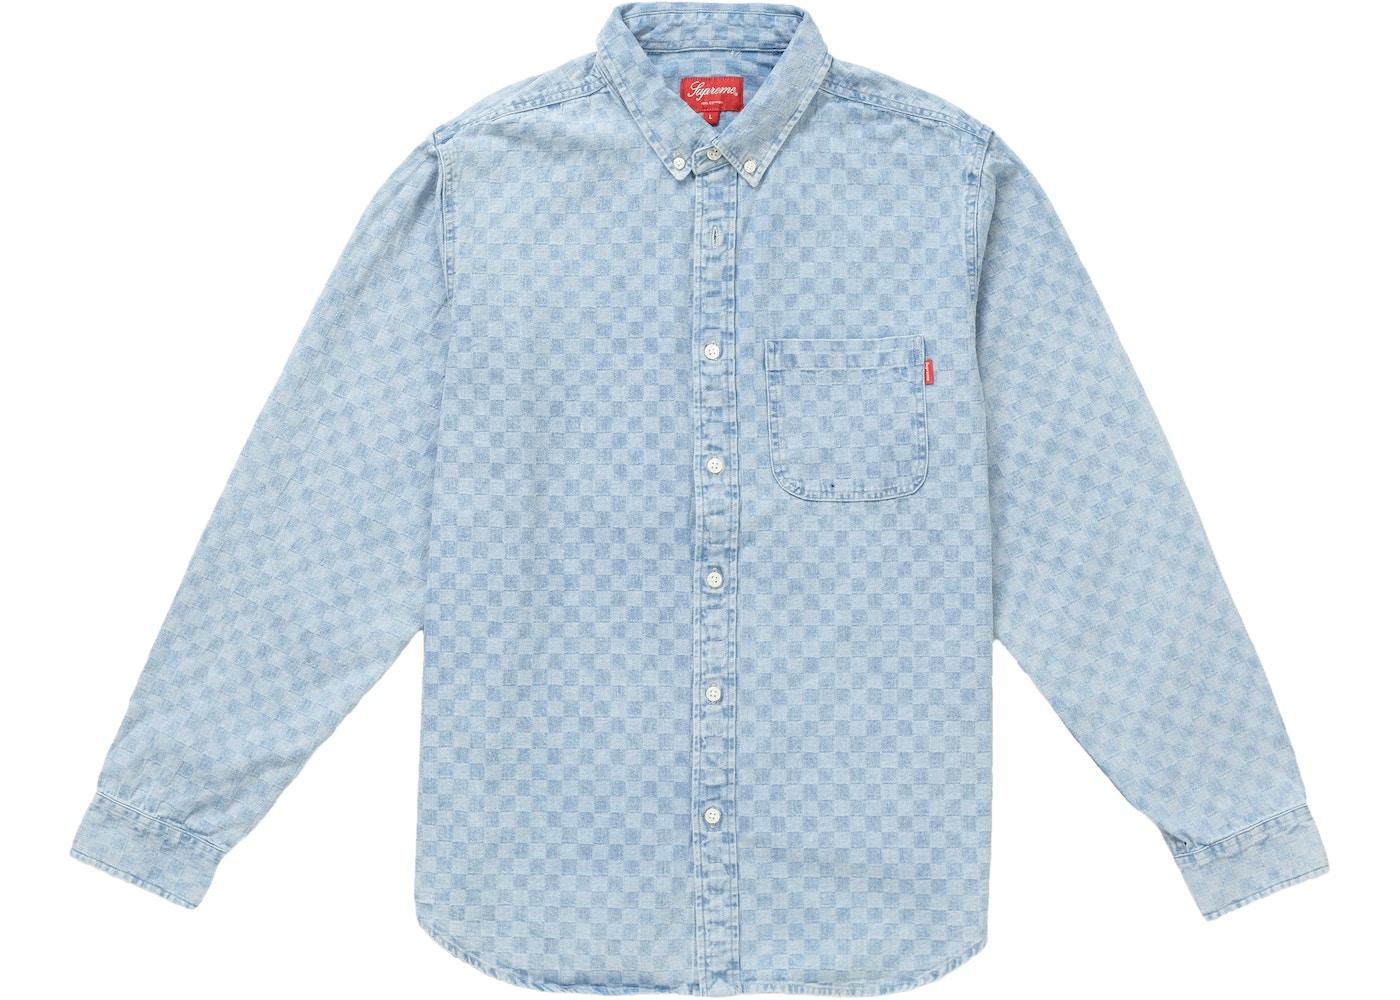 1c6e7a5f6222 Supreme Checkered Denim Shirt Blue - FW18